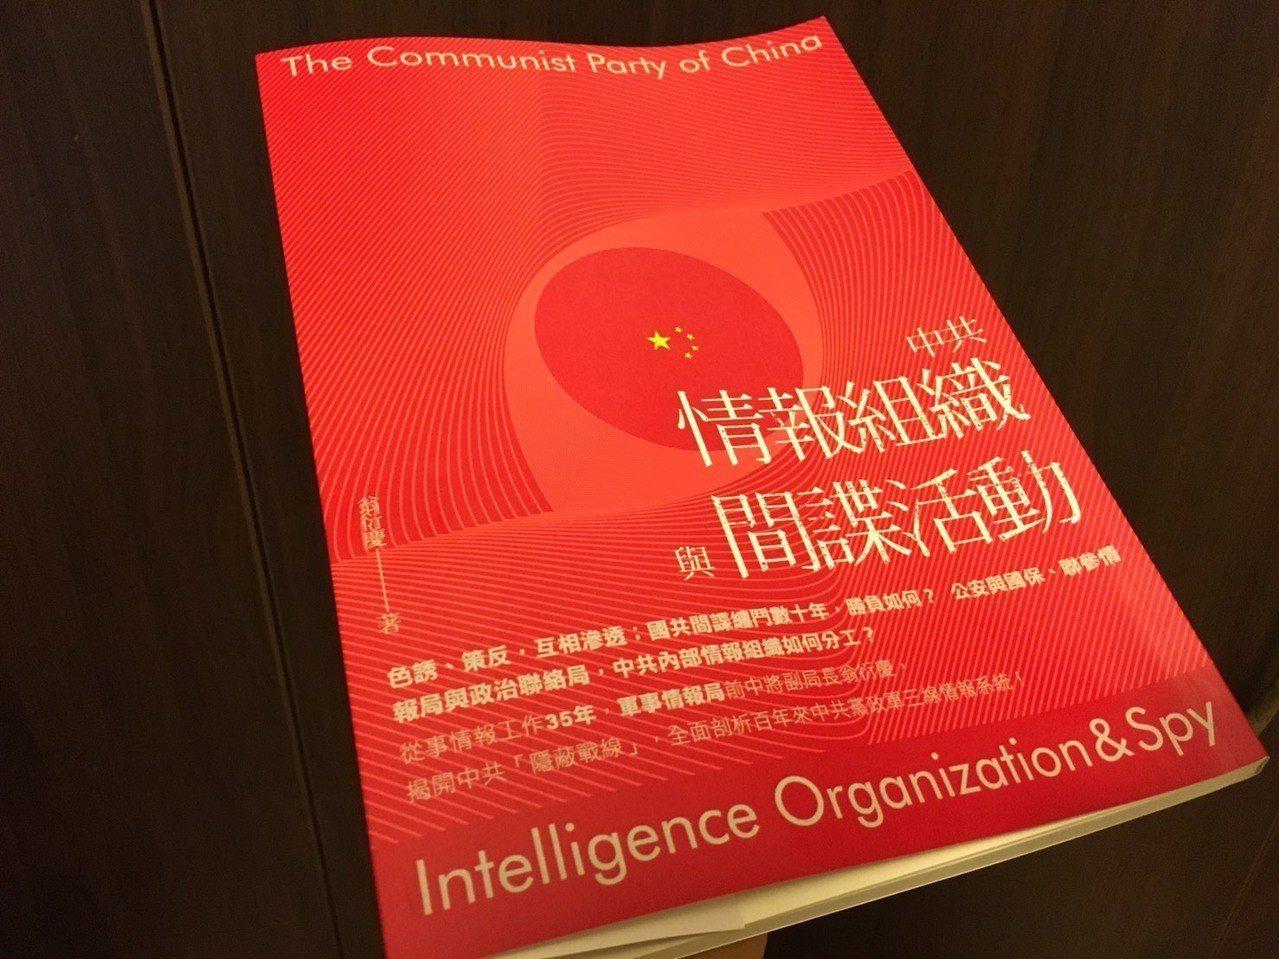 翁衍慶曾任軍事情報局副局長,著書分析中共龐雜的黨政軍情報部門,乍看下以國內外媒體...